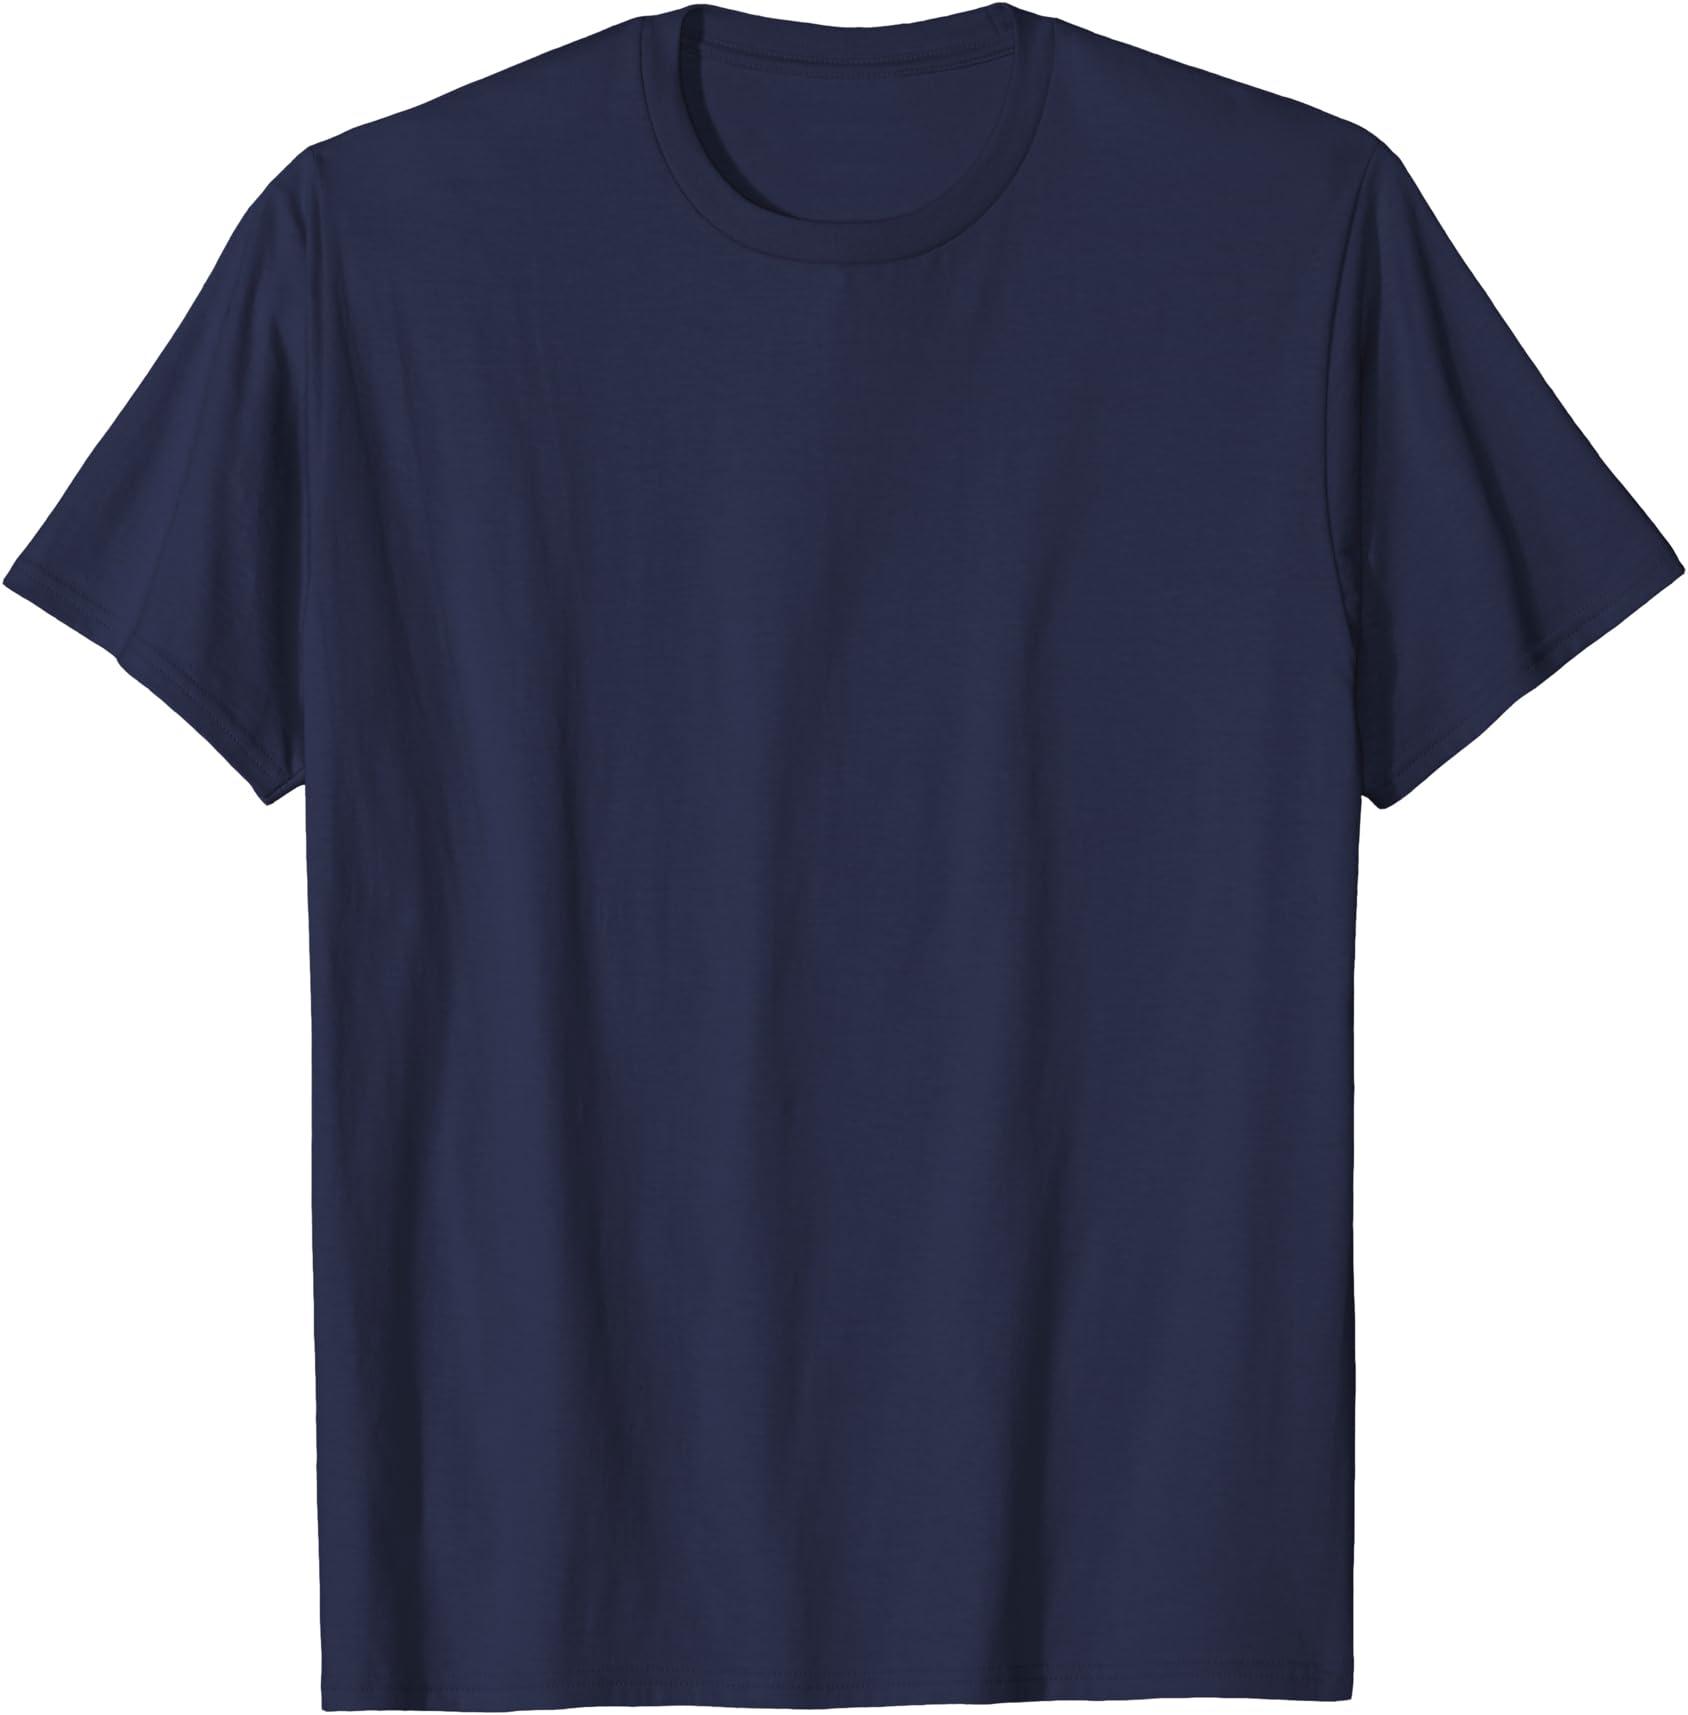 S-XL Beautiful Be you tiful Women/'s Black T-Shirt